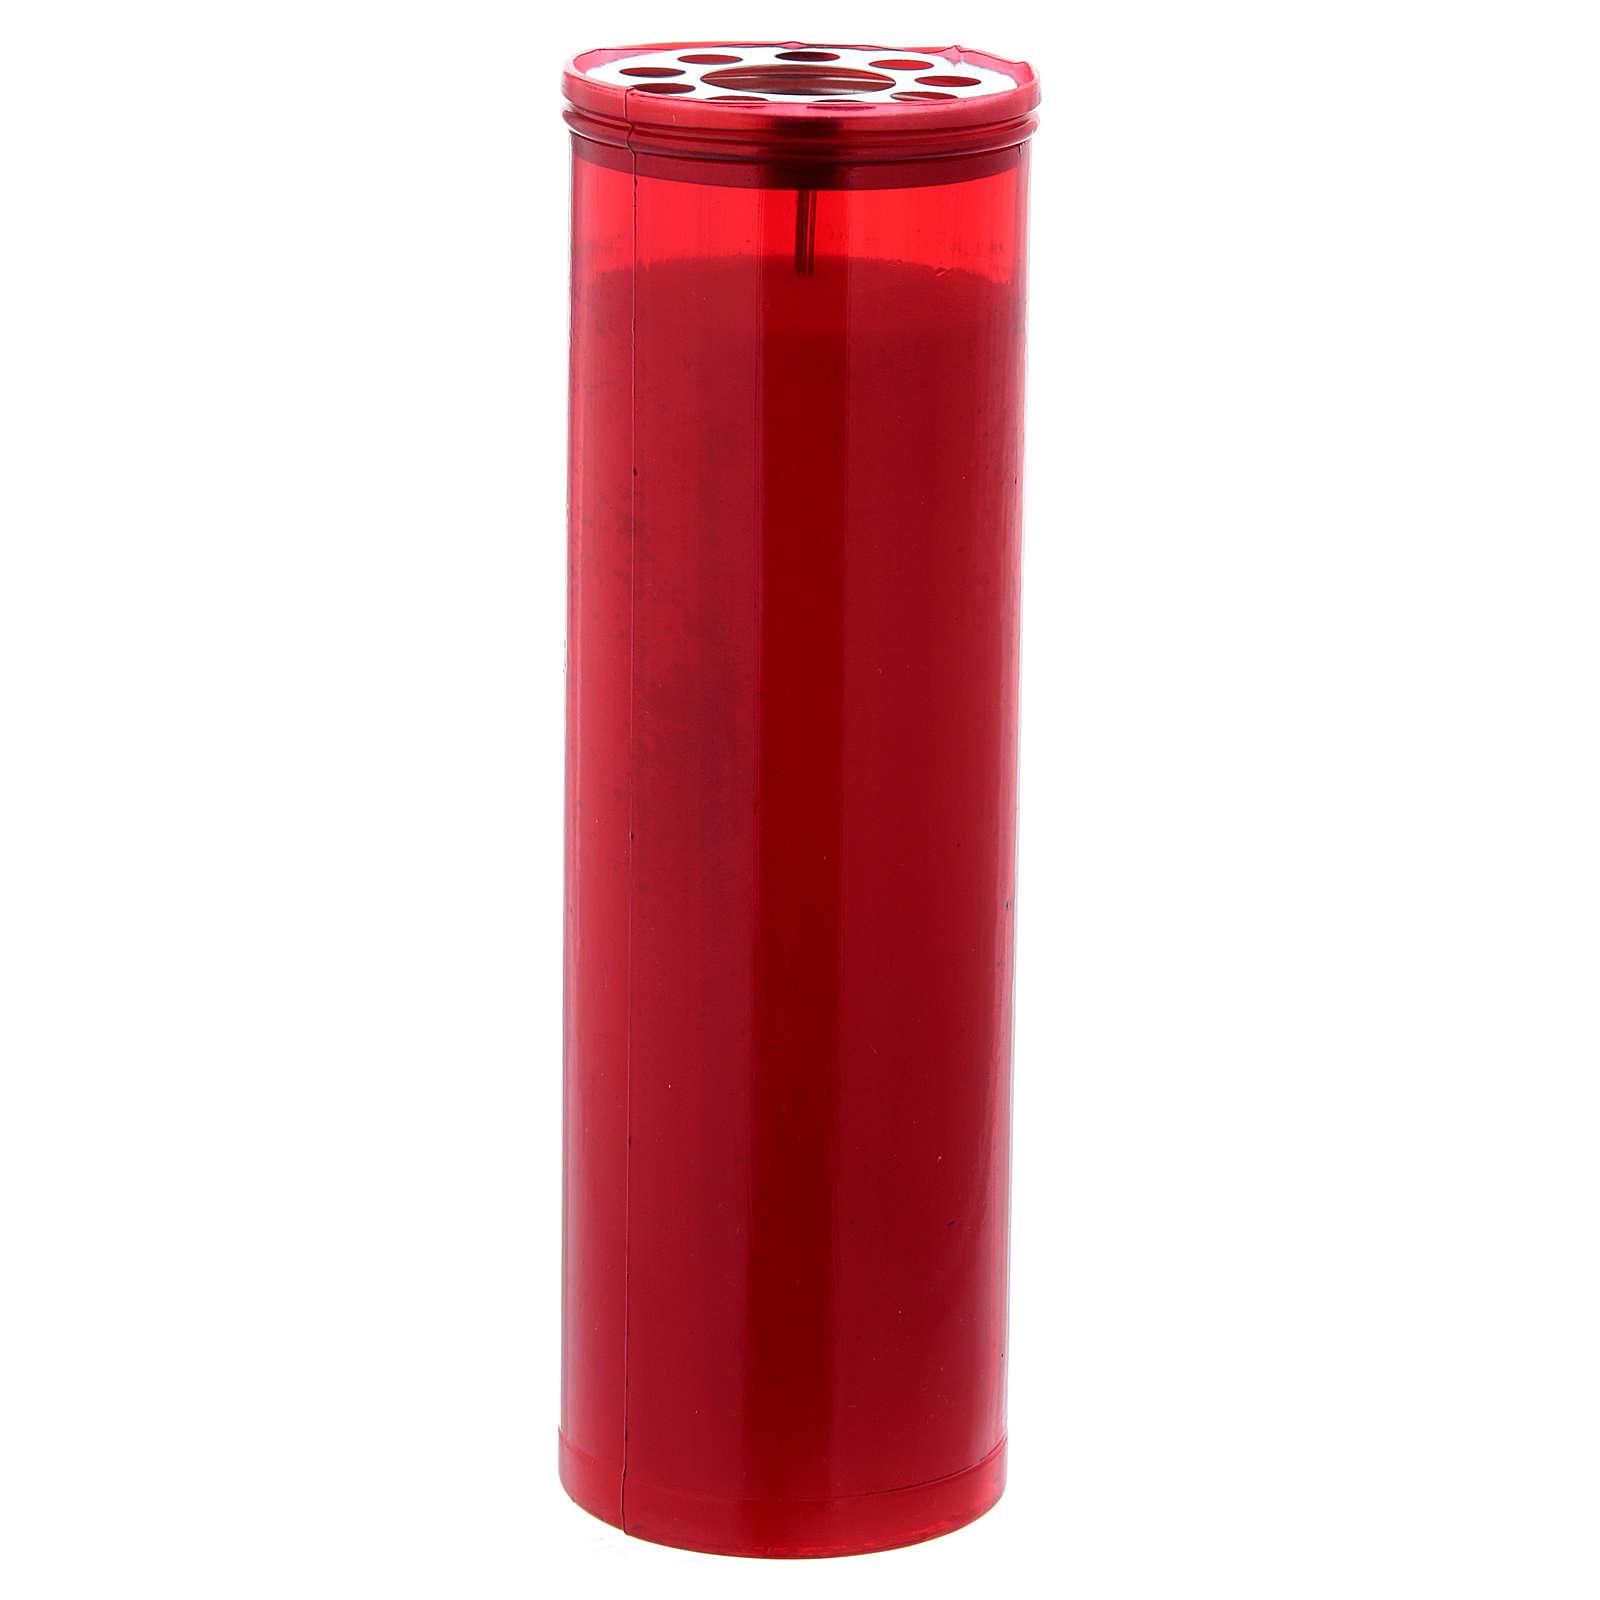 Votivkerze T60 rot mit weissen Wachs 3